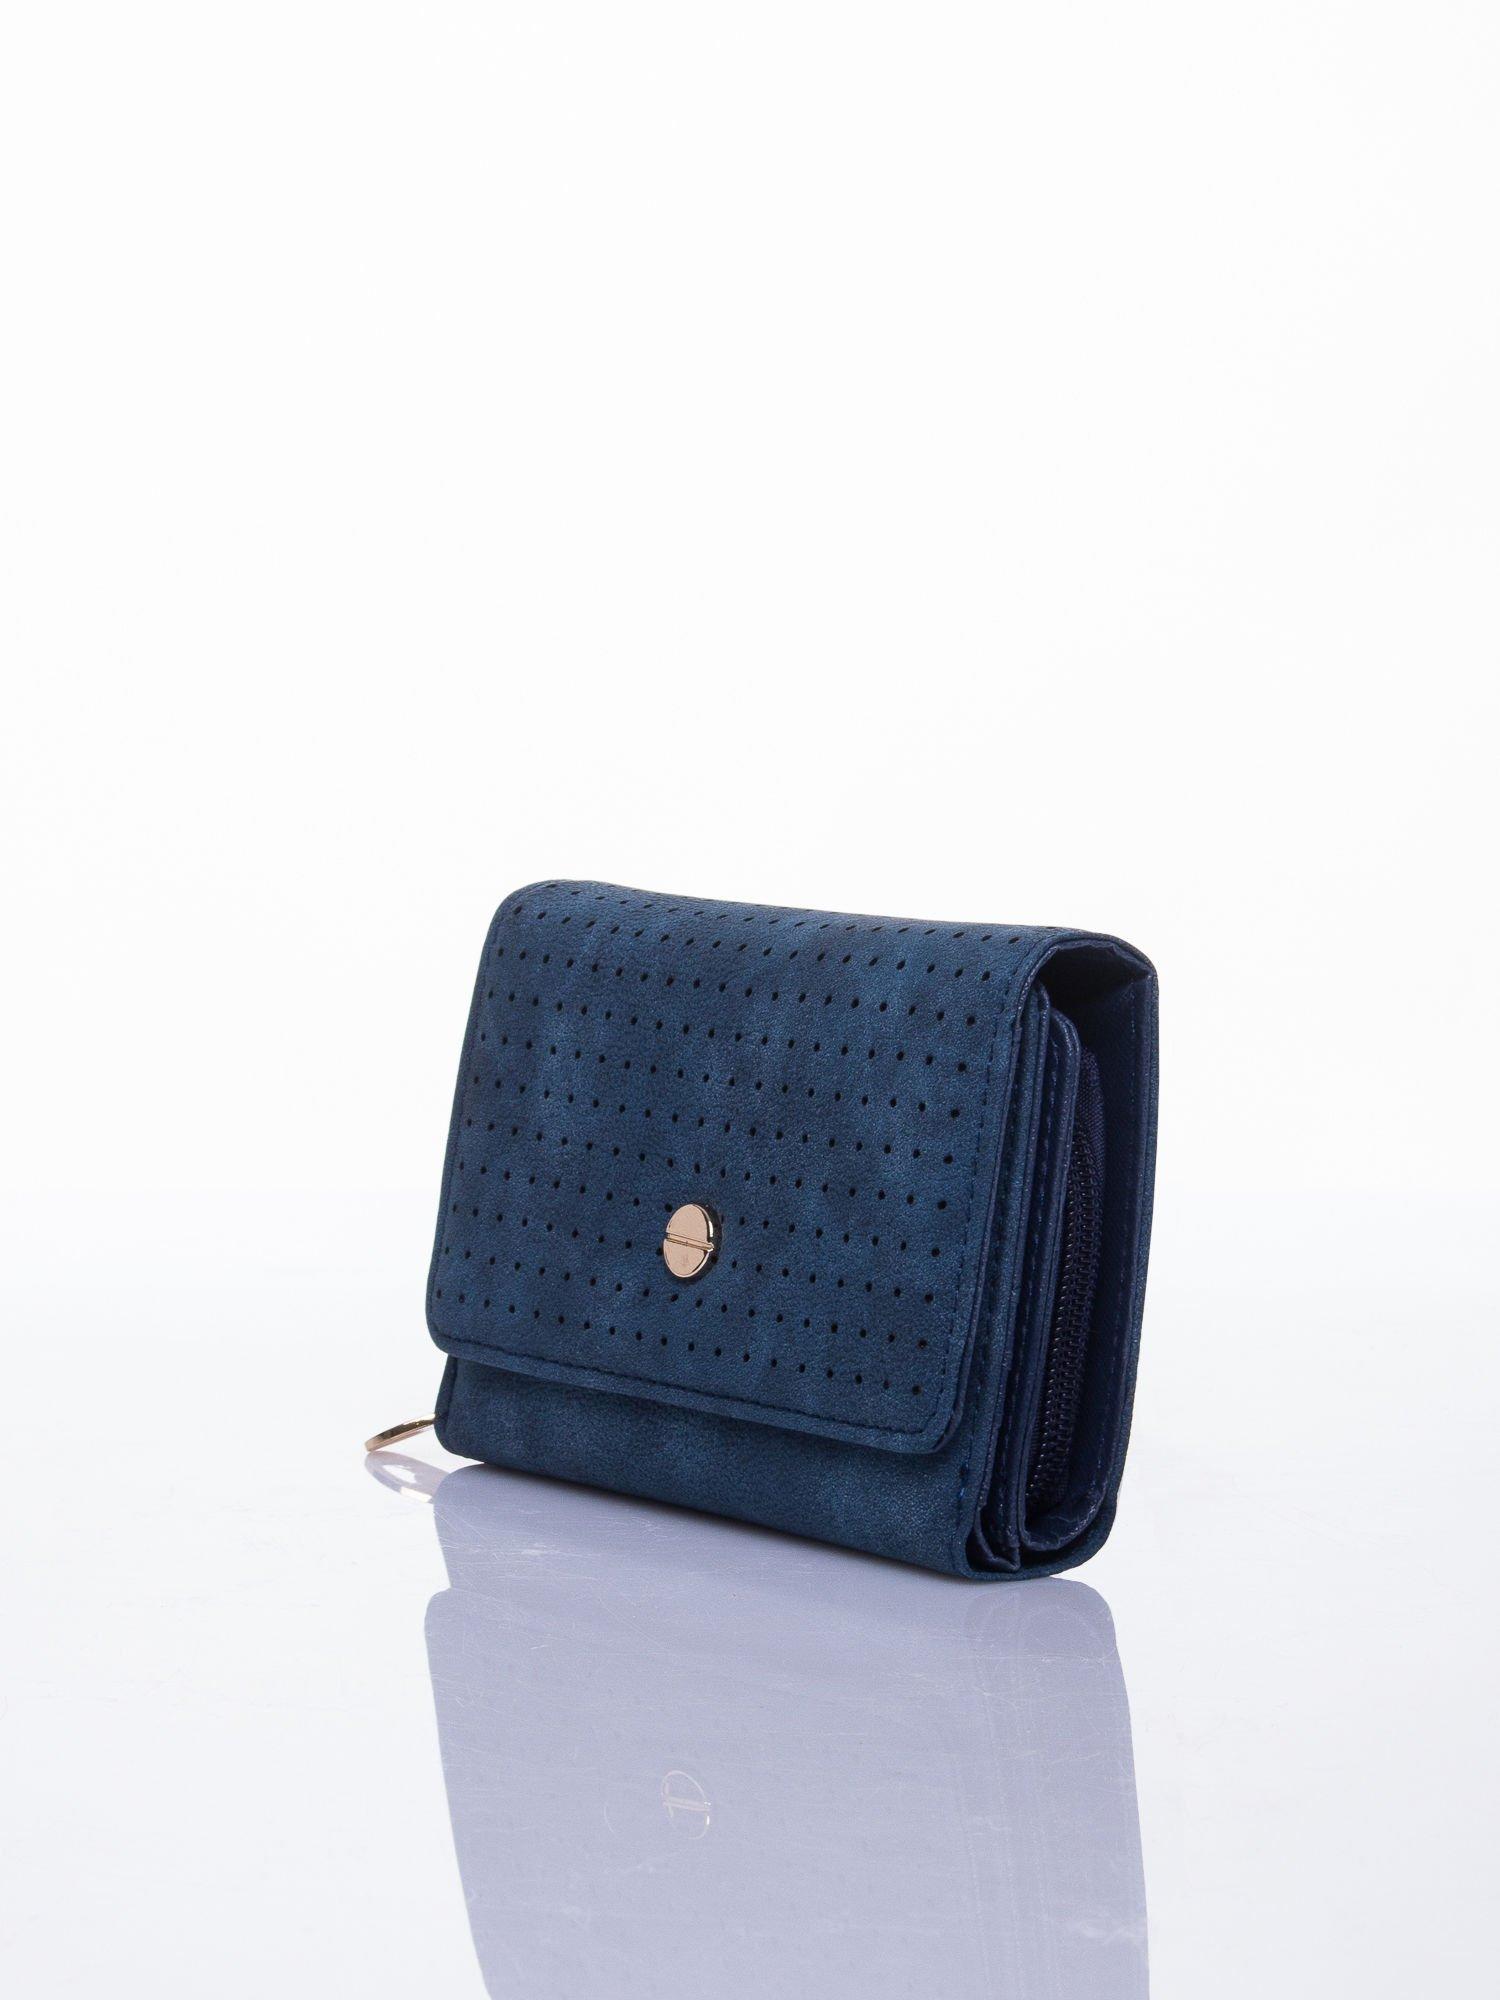 Niebieski ażurowany portfel ze złotym zapięciem                                  zdj.                                  2